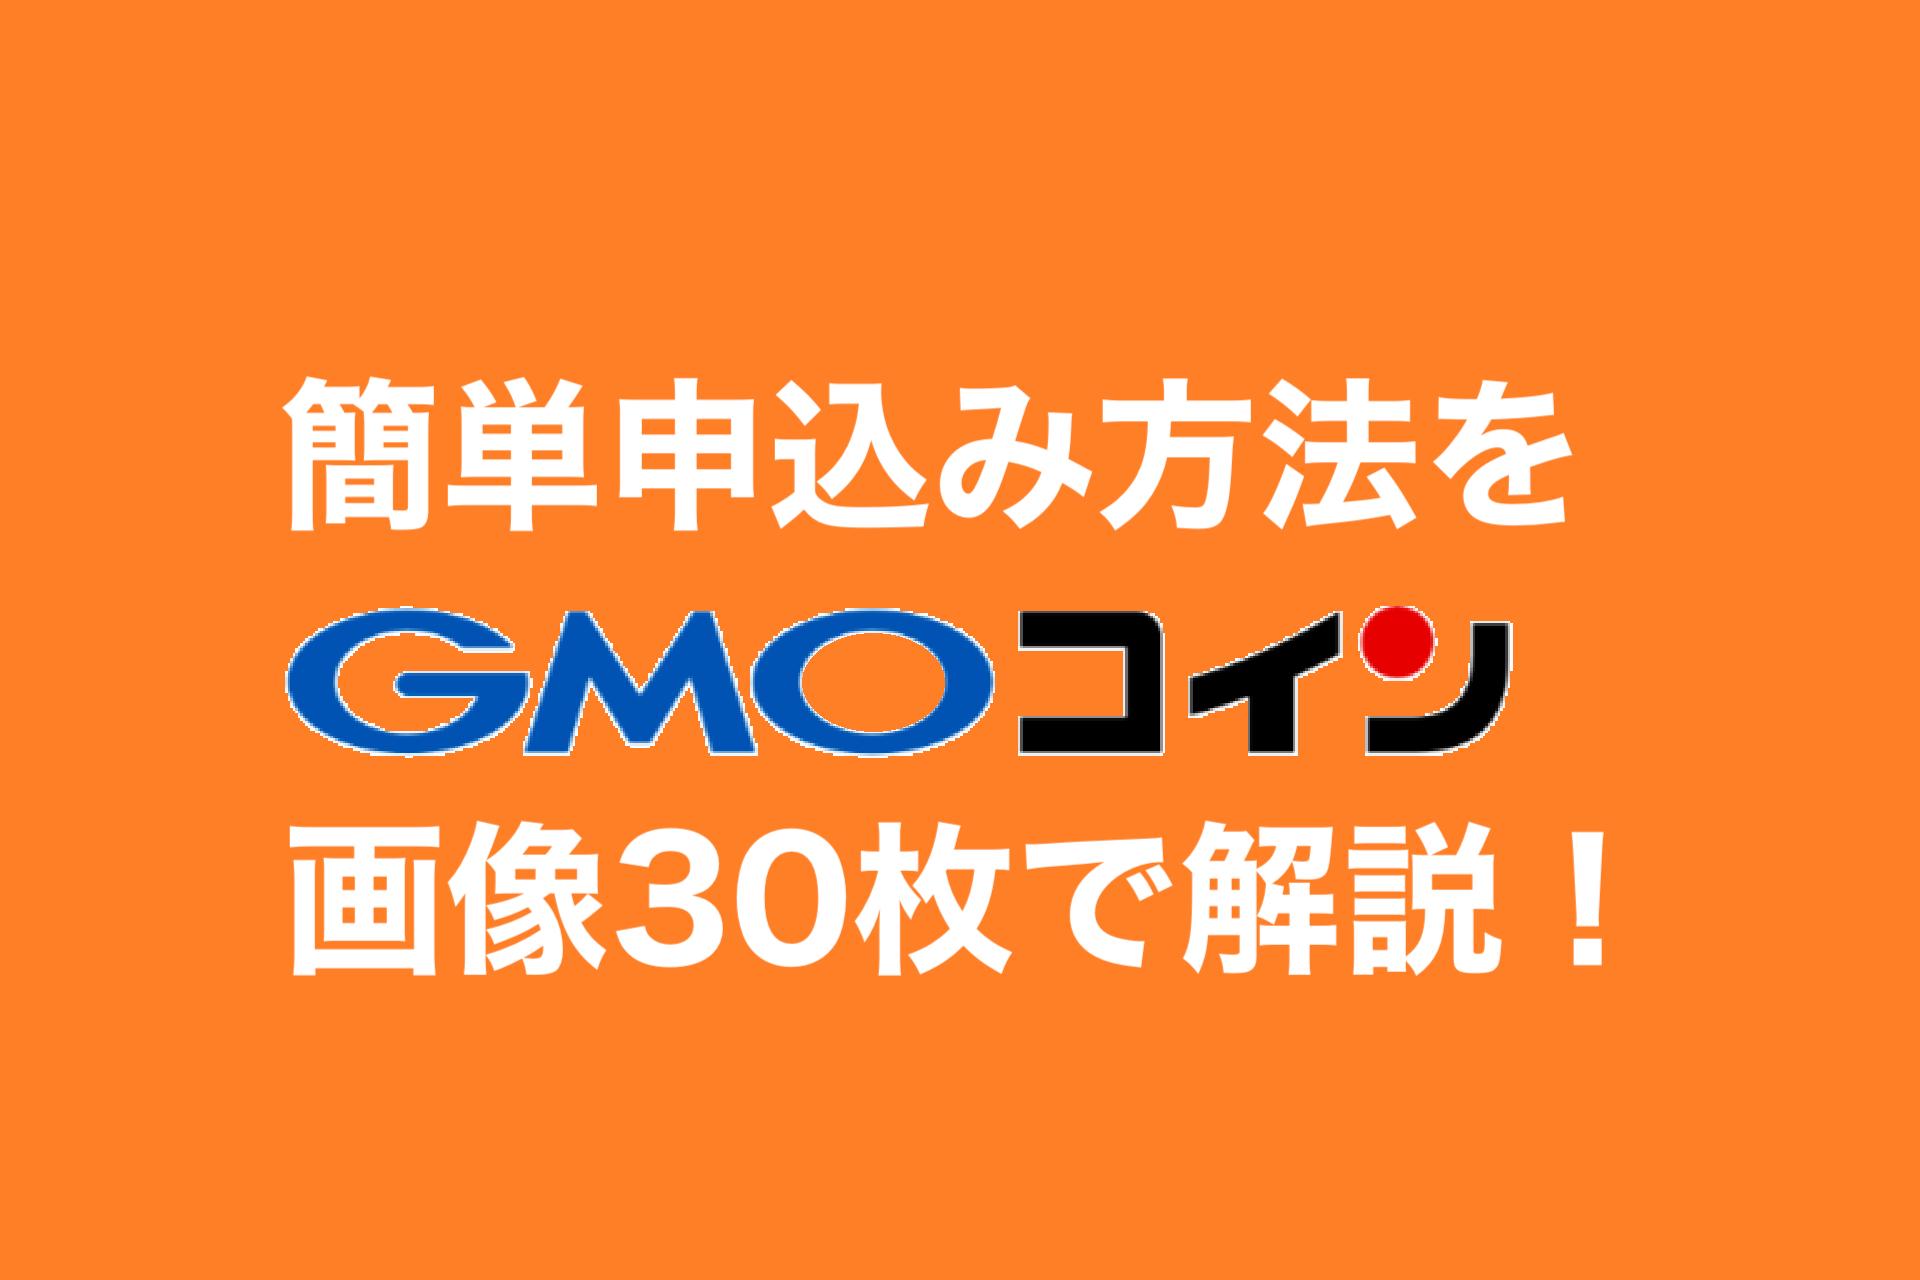 GMOコインの申込方法を画像30枚でわかりやすく解説